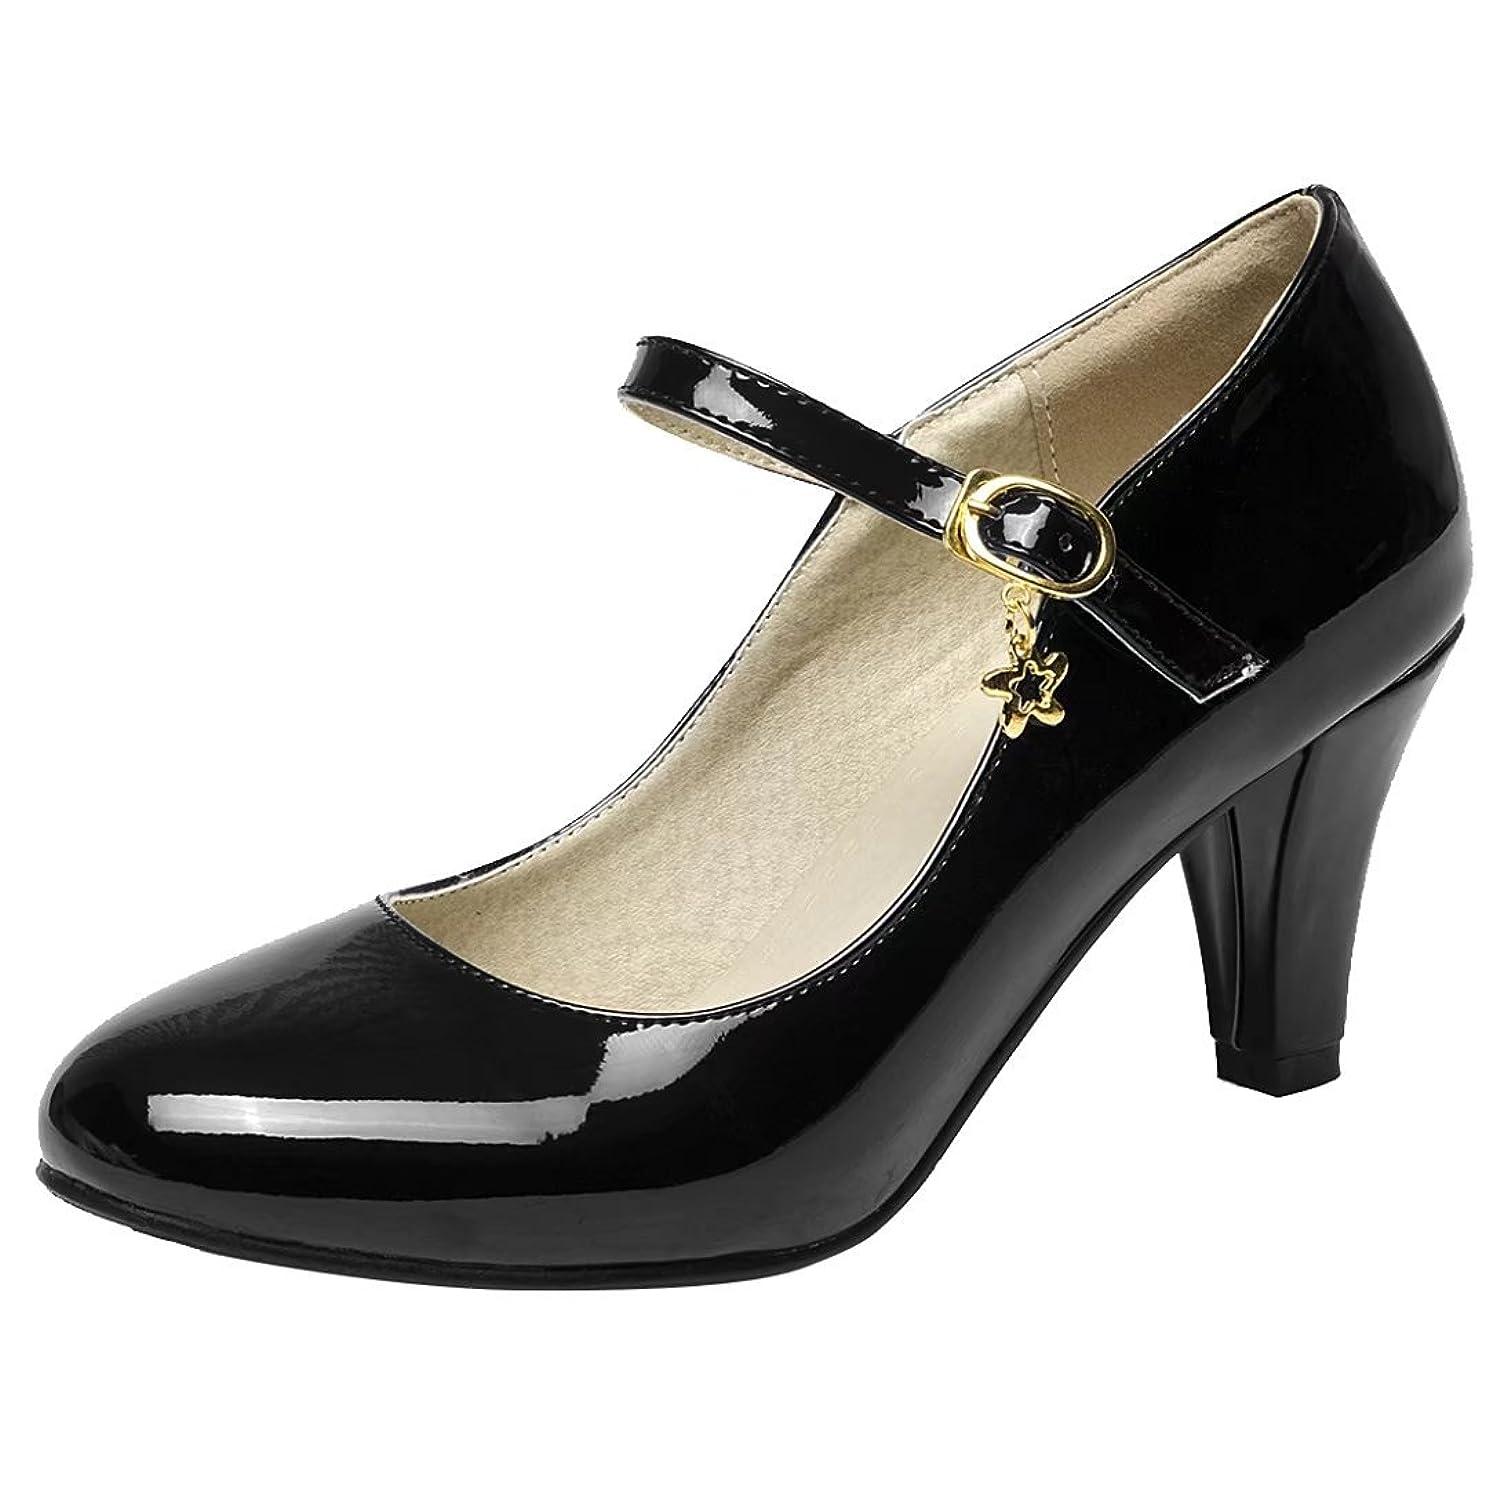 通常スキニー背景AIYOUMEIチャンキーヒール エナメル 靴 レディース パンプス 歩きやすい ビジネスシューズ 甲ストラップポインテッドトゥ ハイヒール 大きい通勤ファッションカジュアル